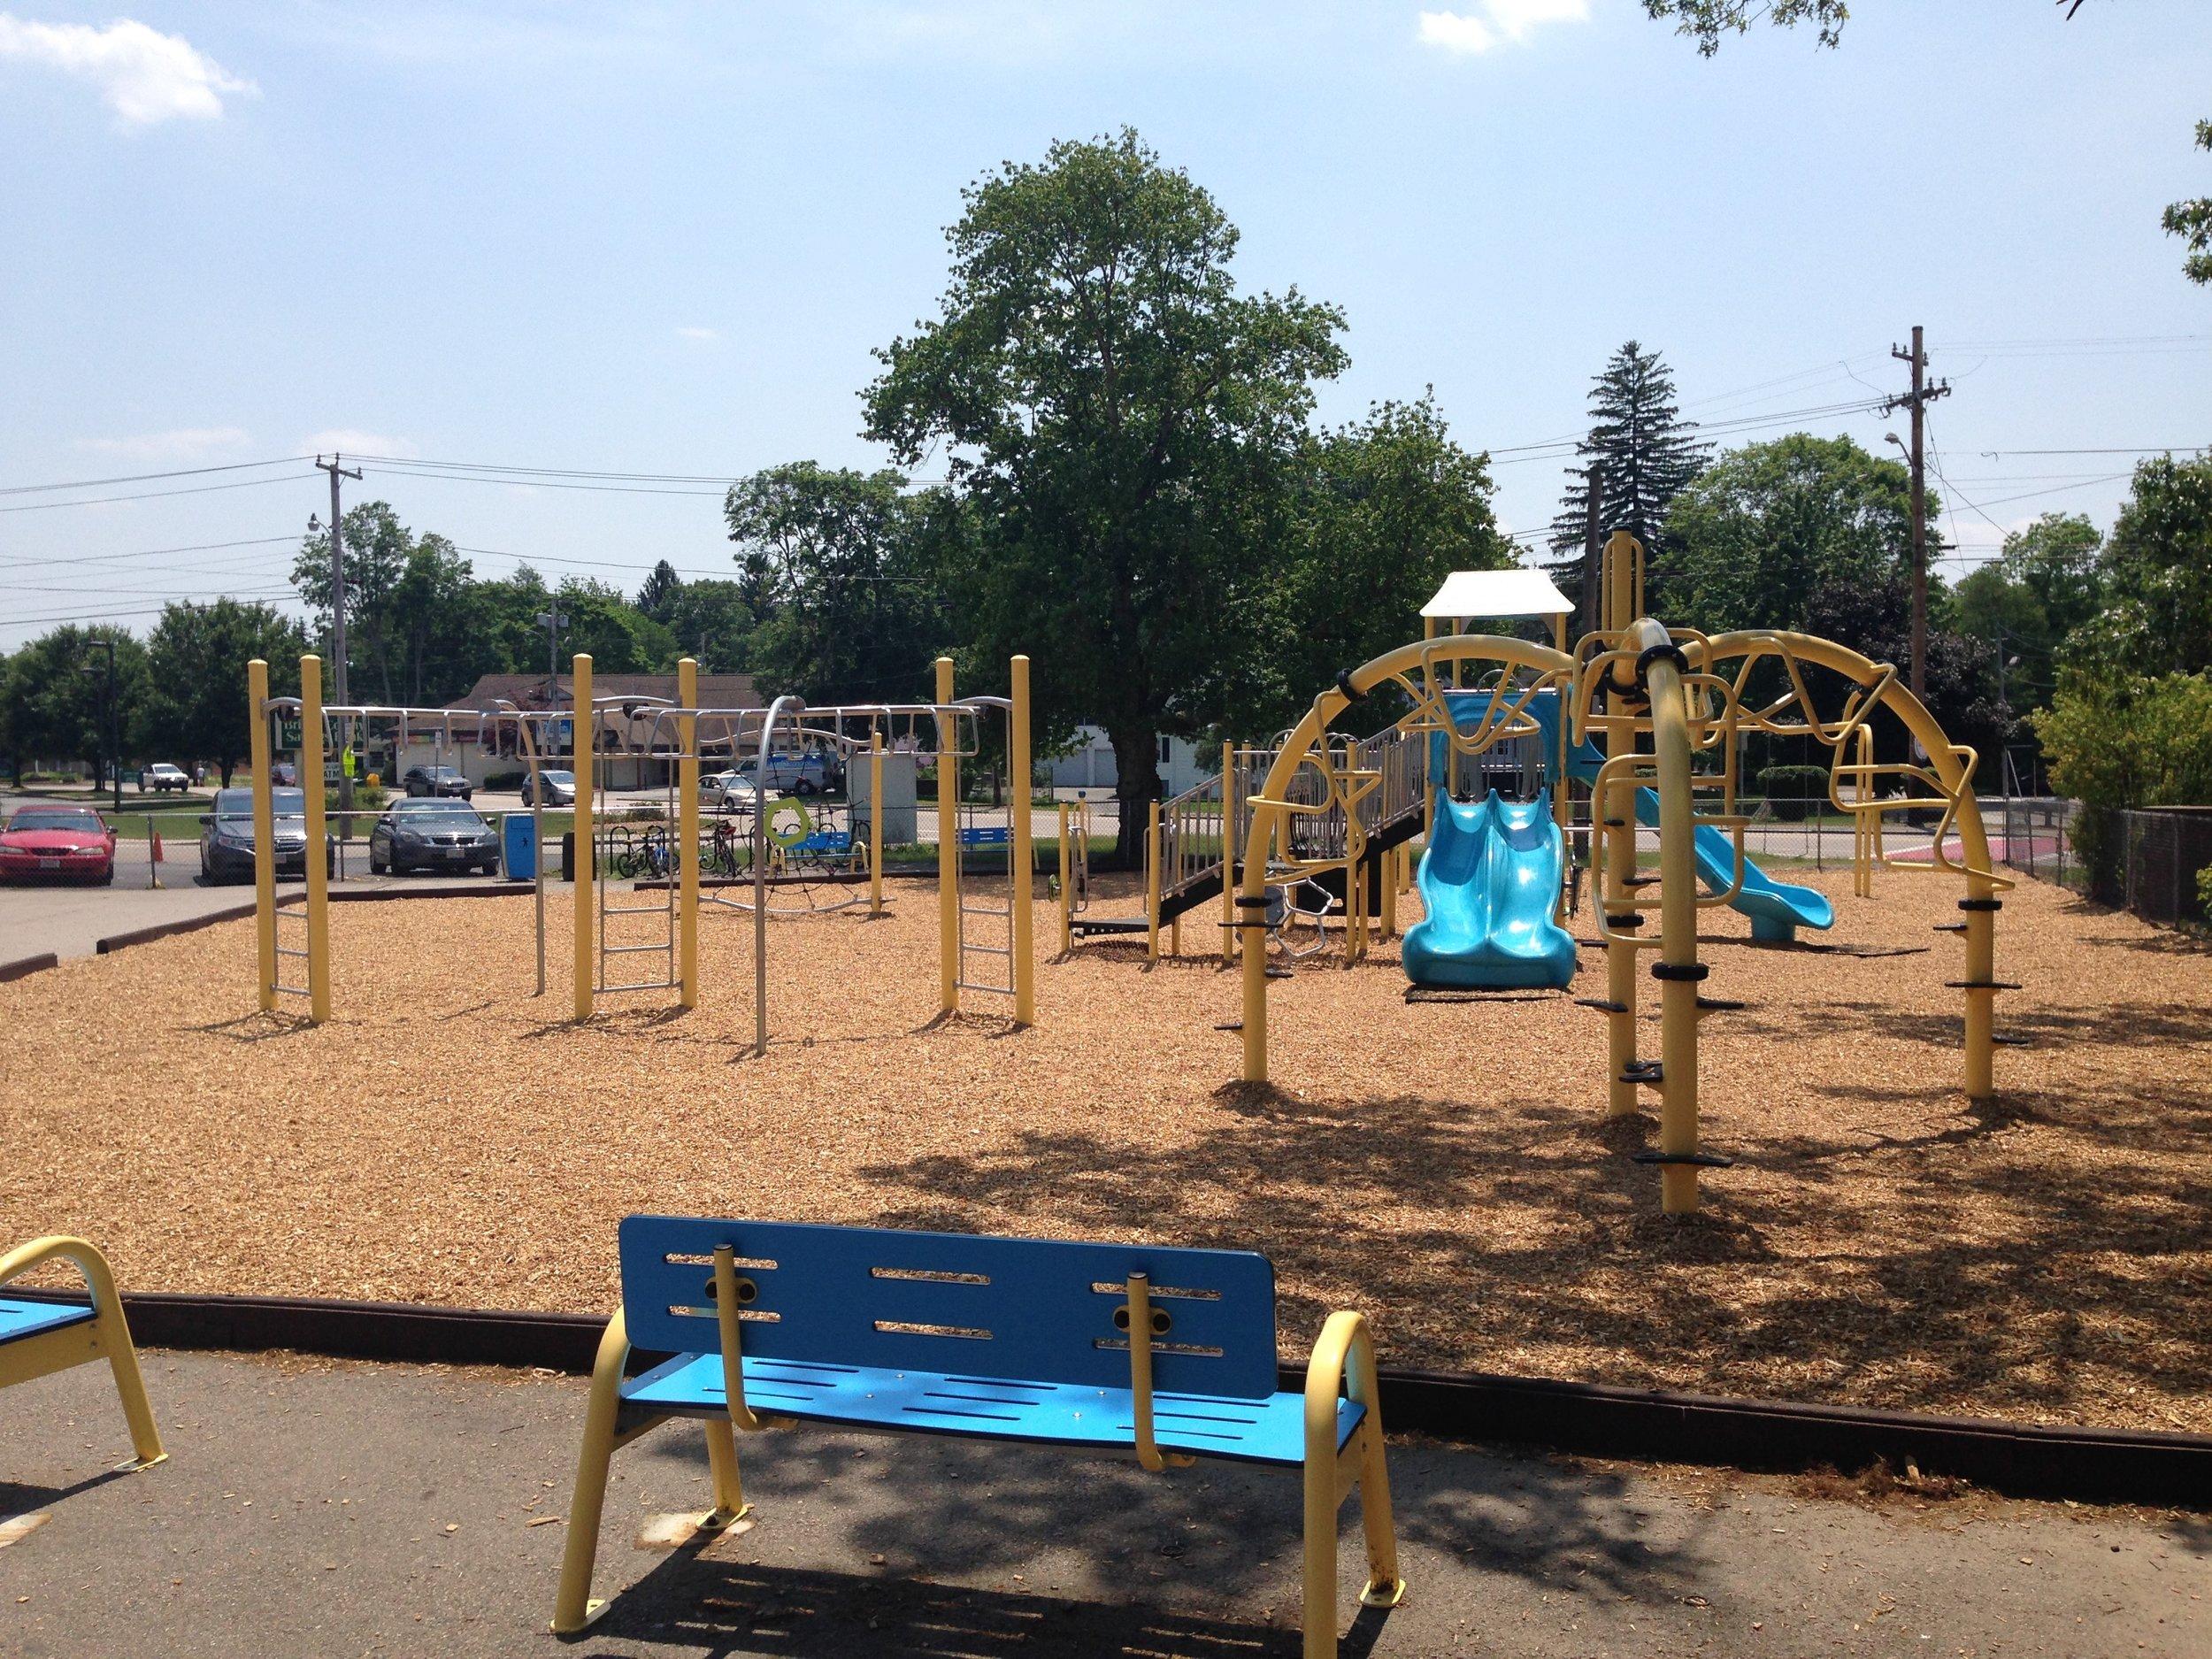 playground-equipment-surfacing-benches.jpg